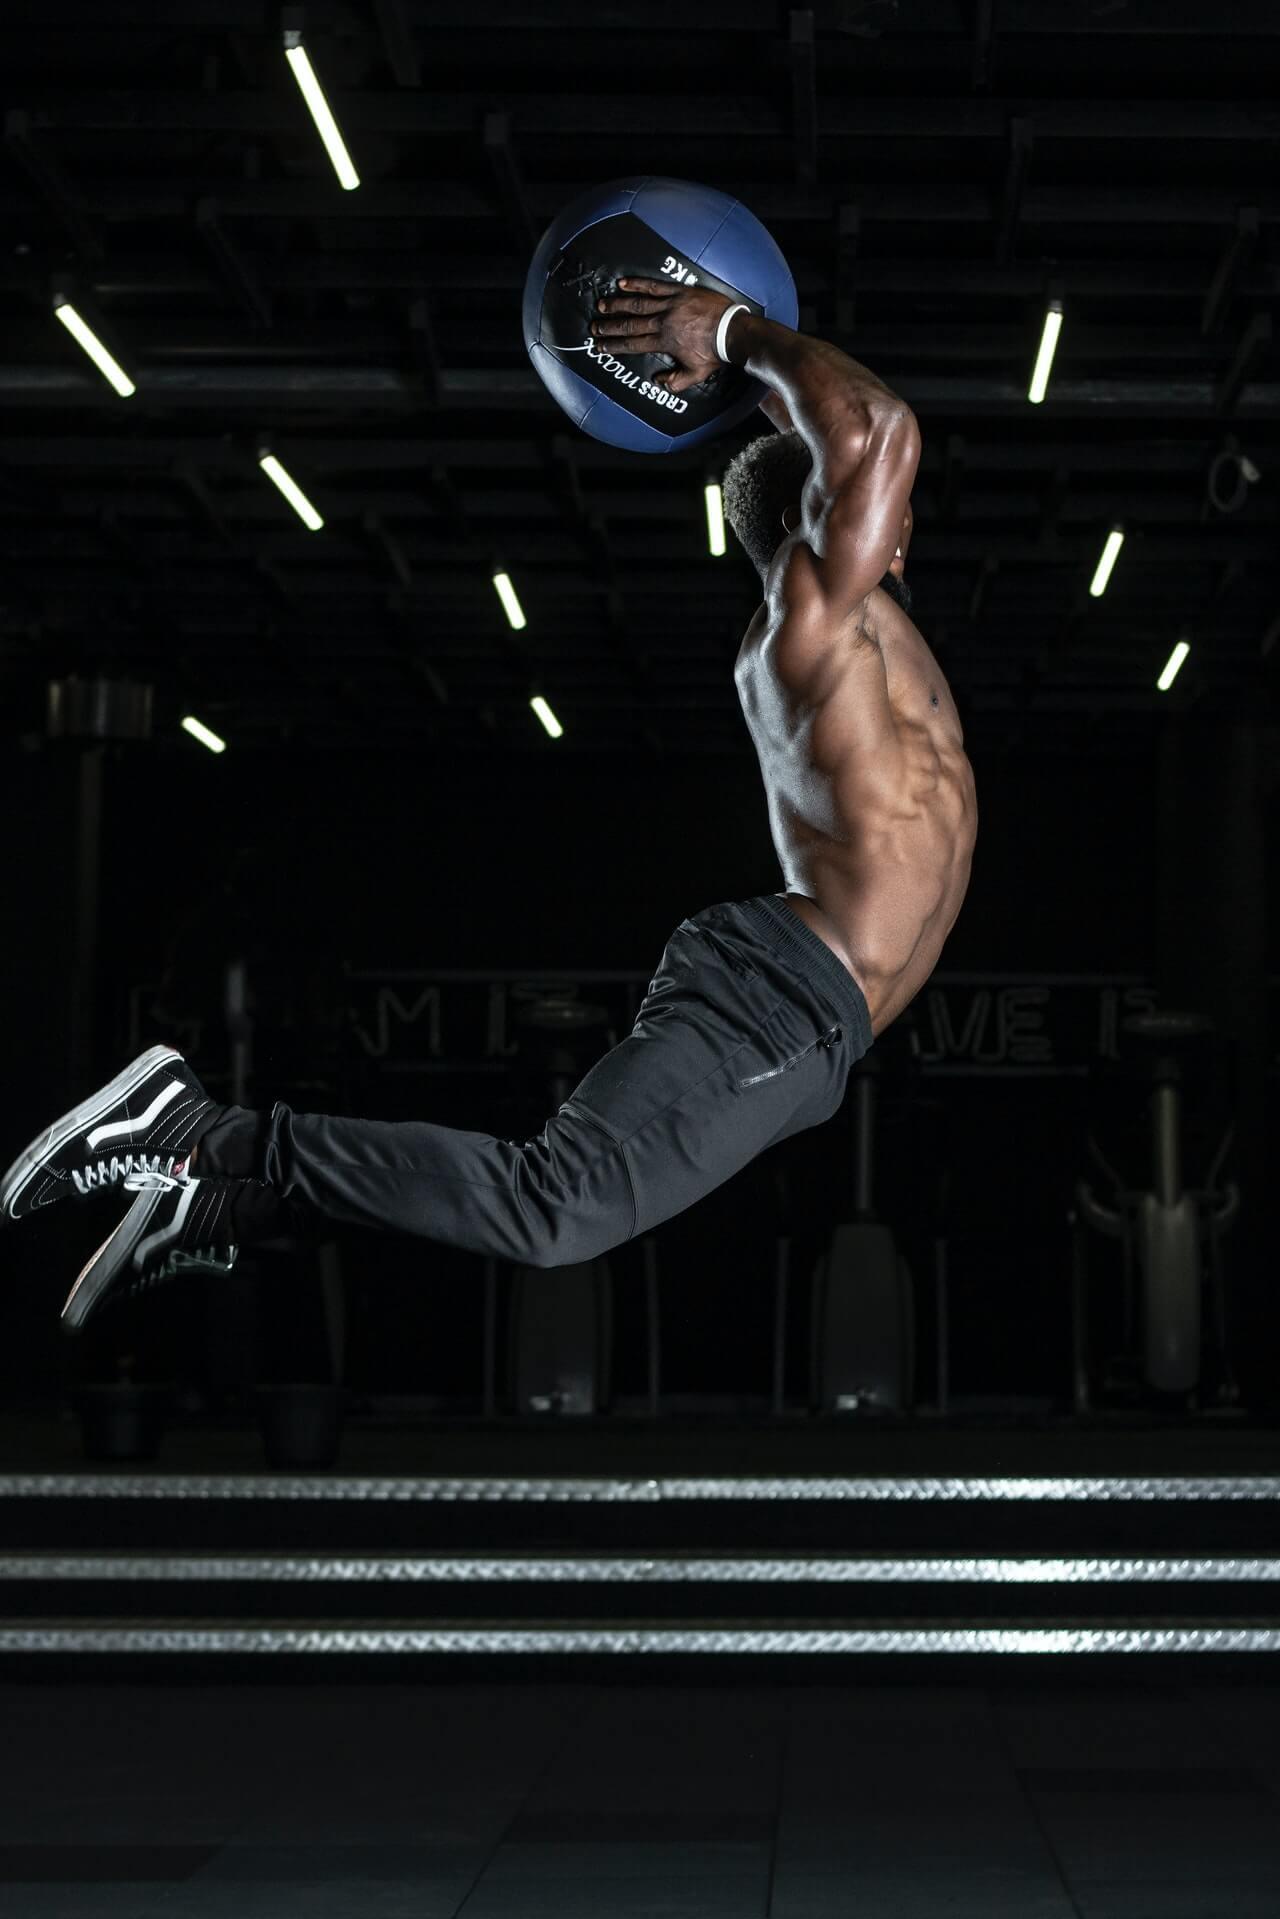 Fisioterapia para recuperarse después de una lesión deportiva